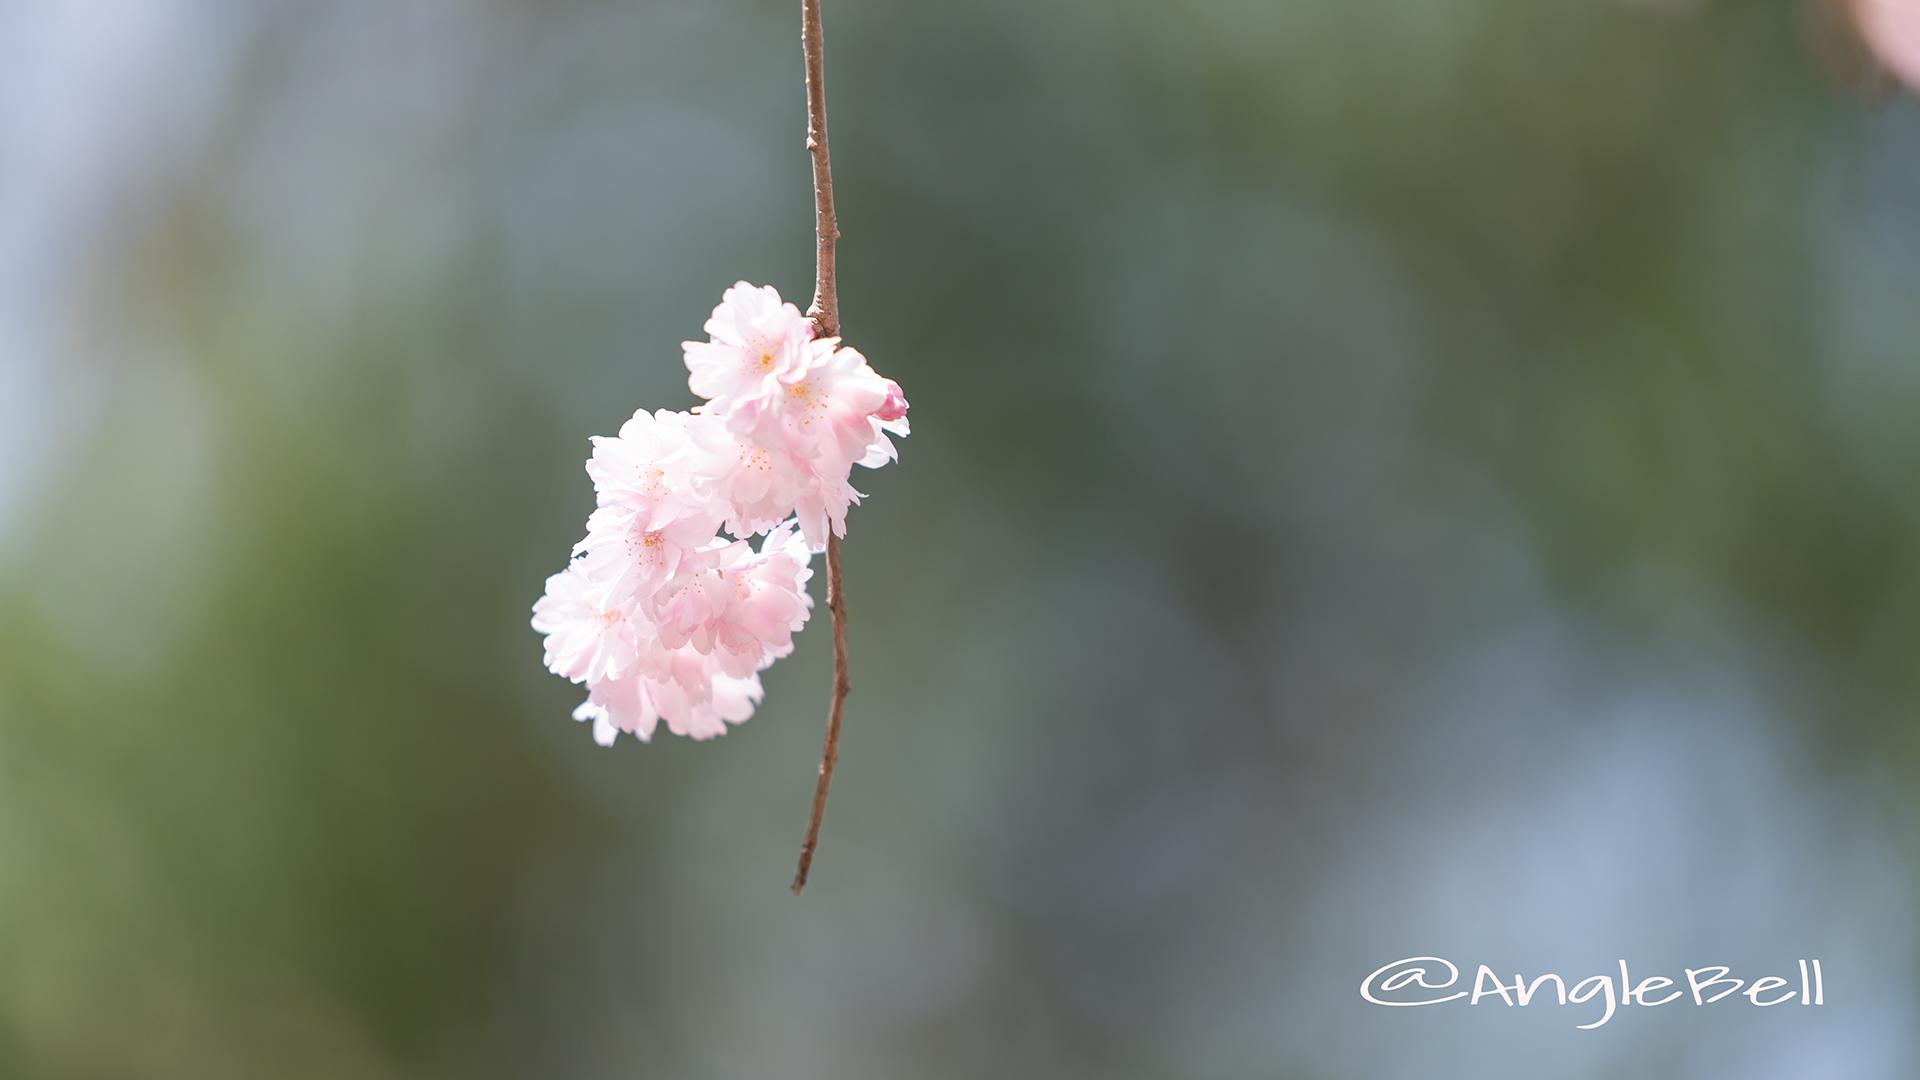 ホザキヒガンヤエザクラ 穂咲彼岸八重桜 Flower Photo2